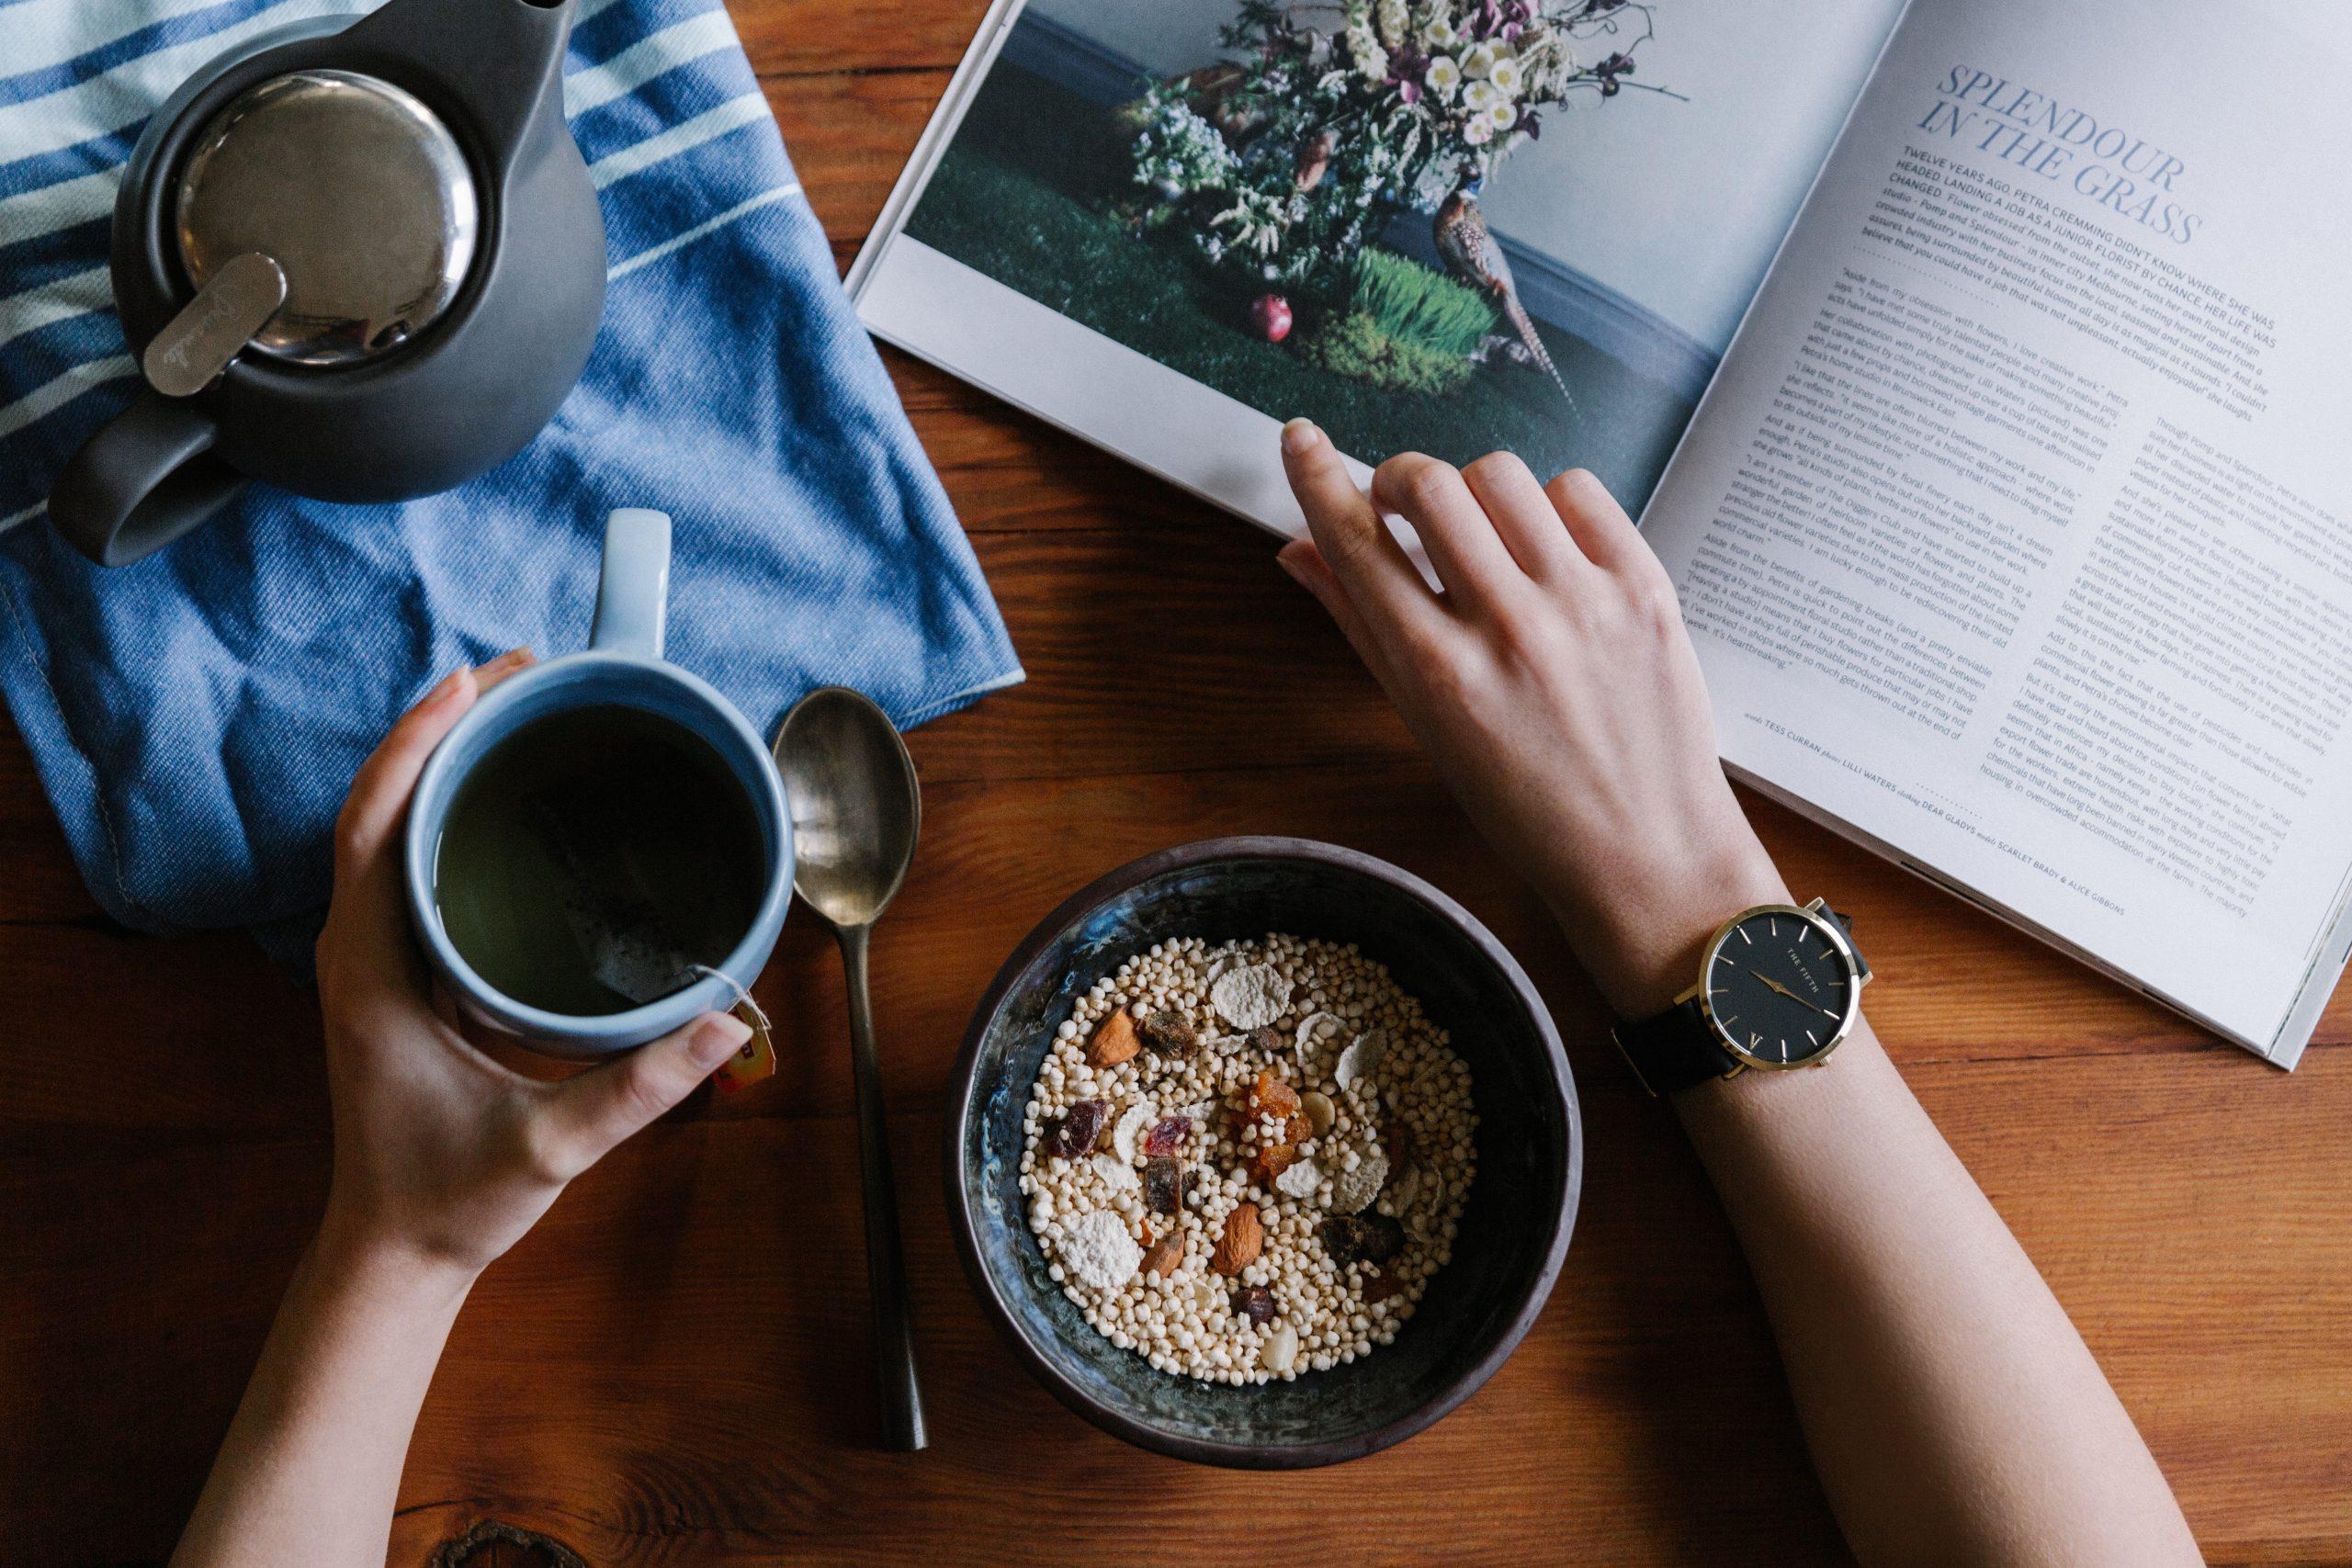 Los cereales integrales son uno de esos alimentos imprescindibles de la dieta mediterránea. /Unsplash